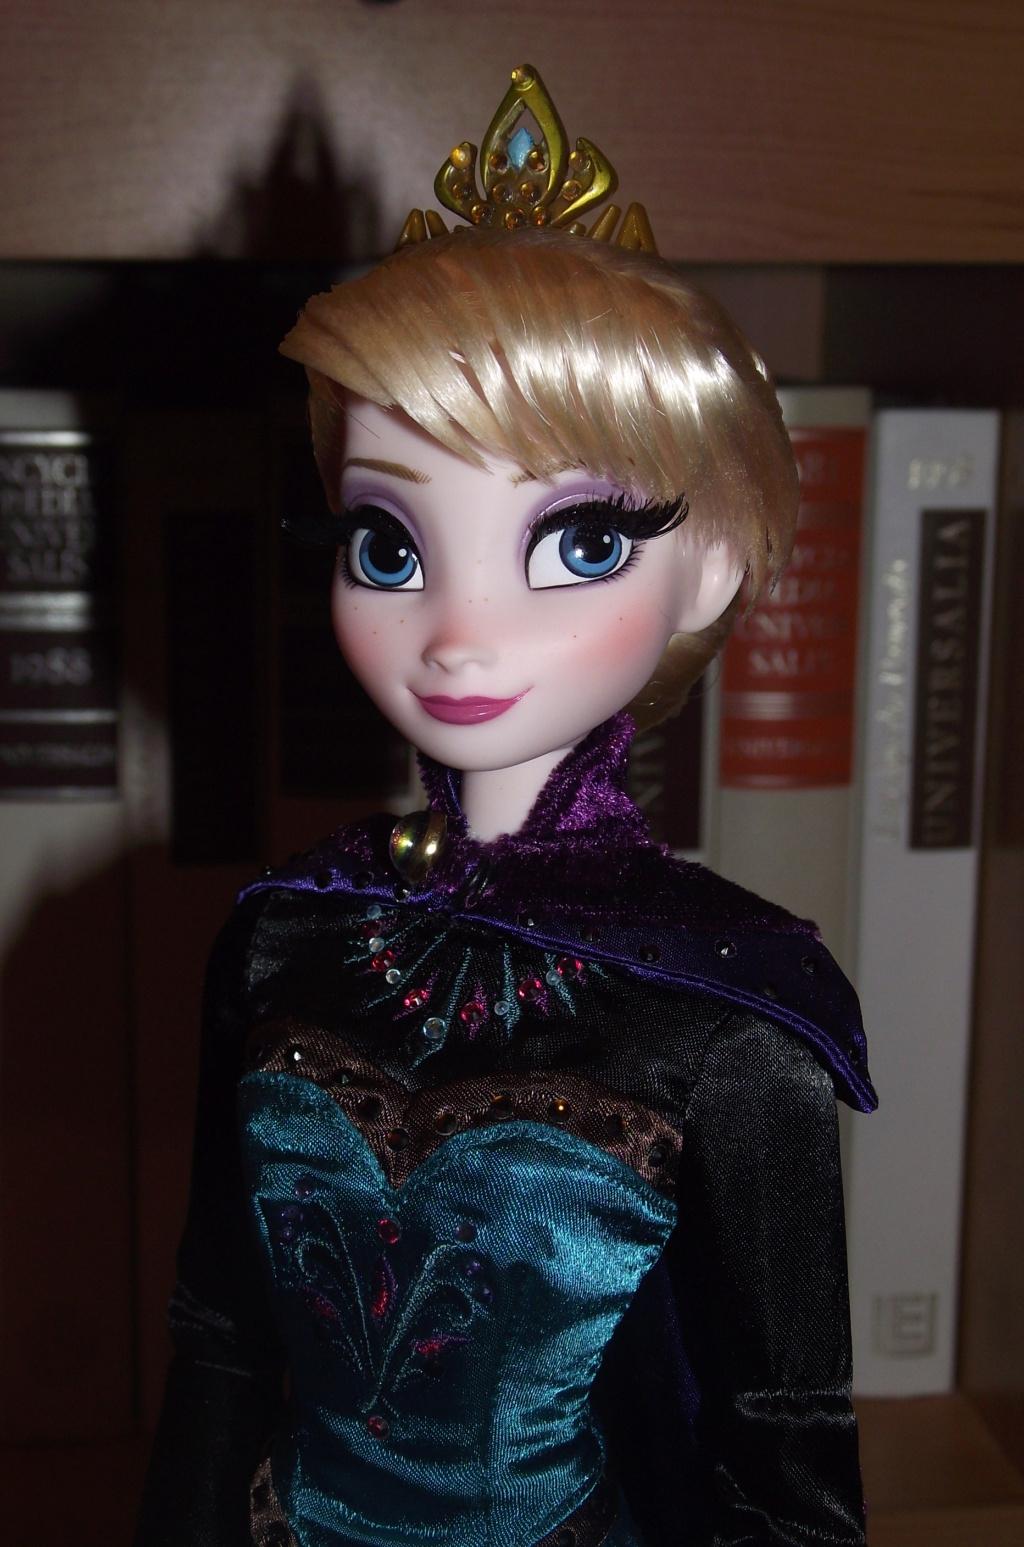 Nos poupées LE en photo : Pour le plaisir de partager - Page 29 Dscf4023